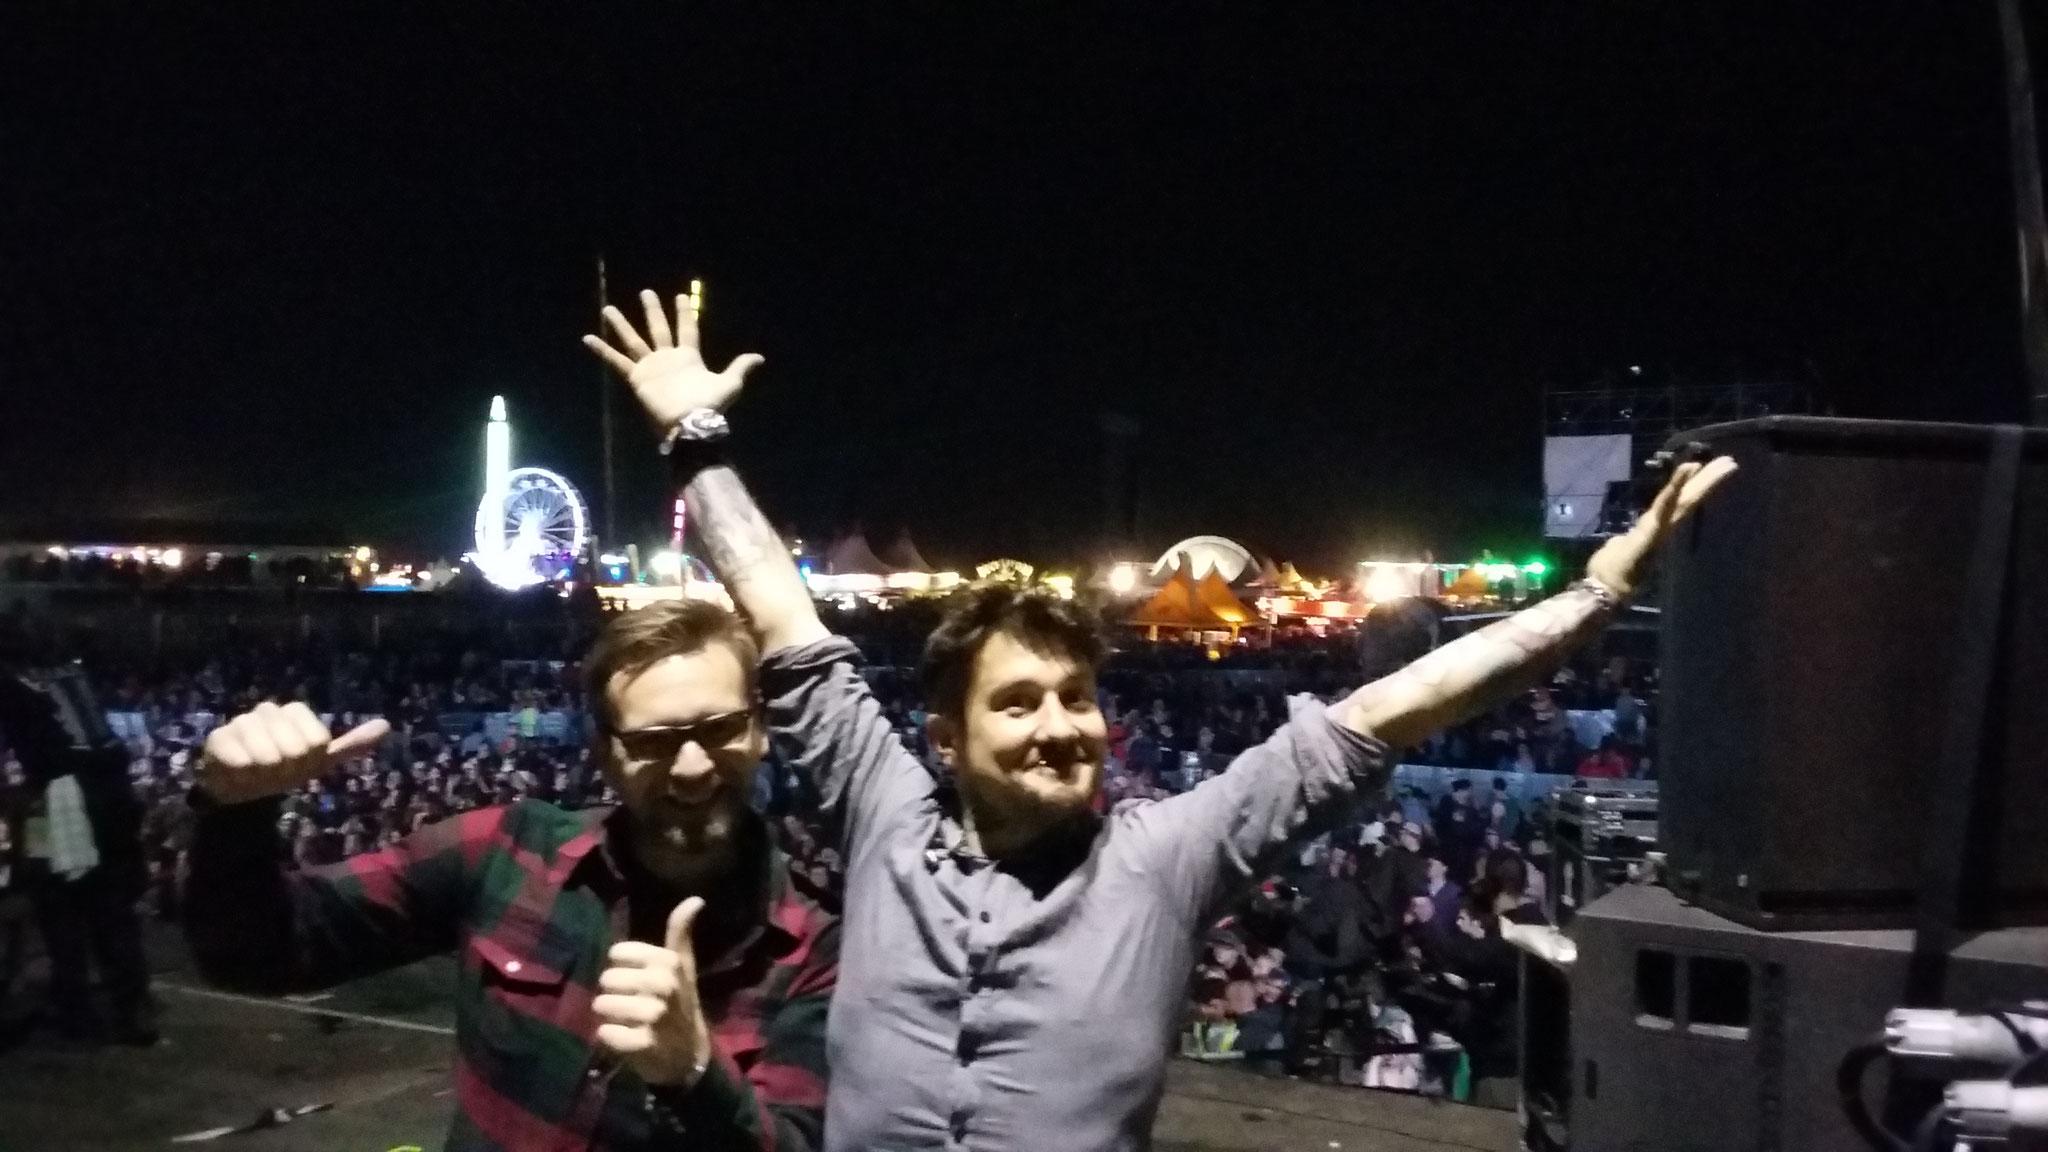 Lukas & Tom